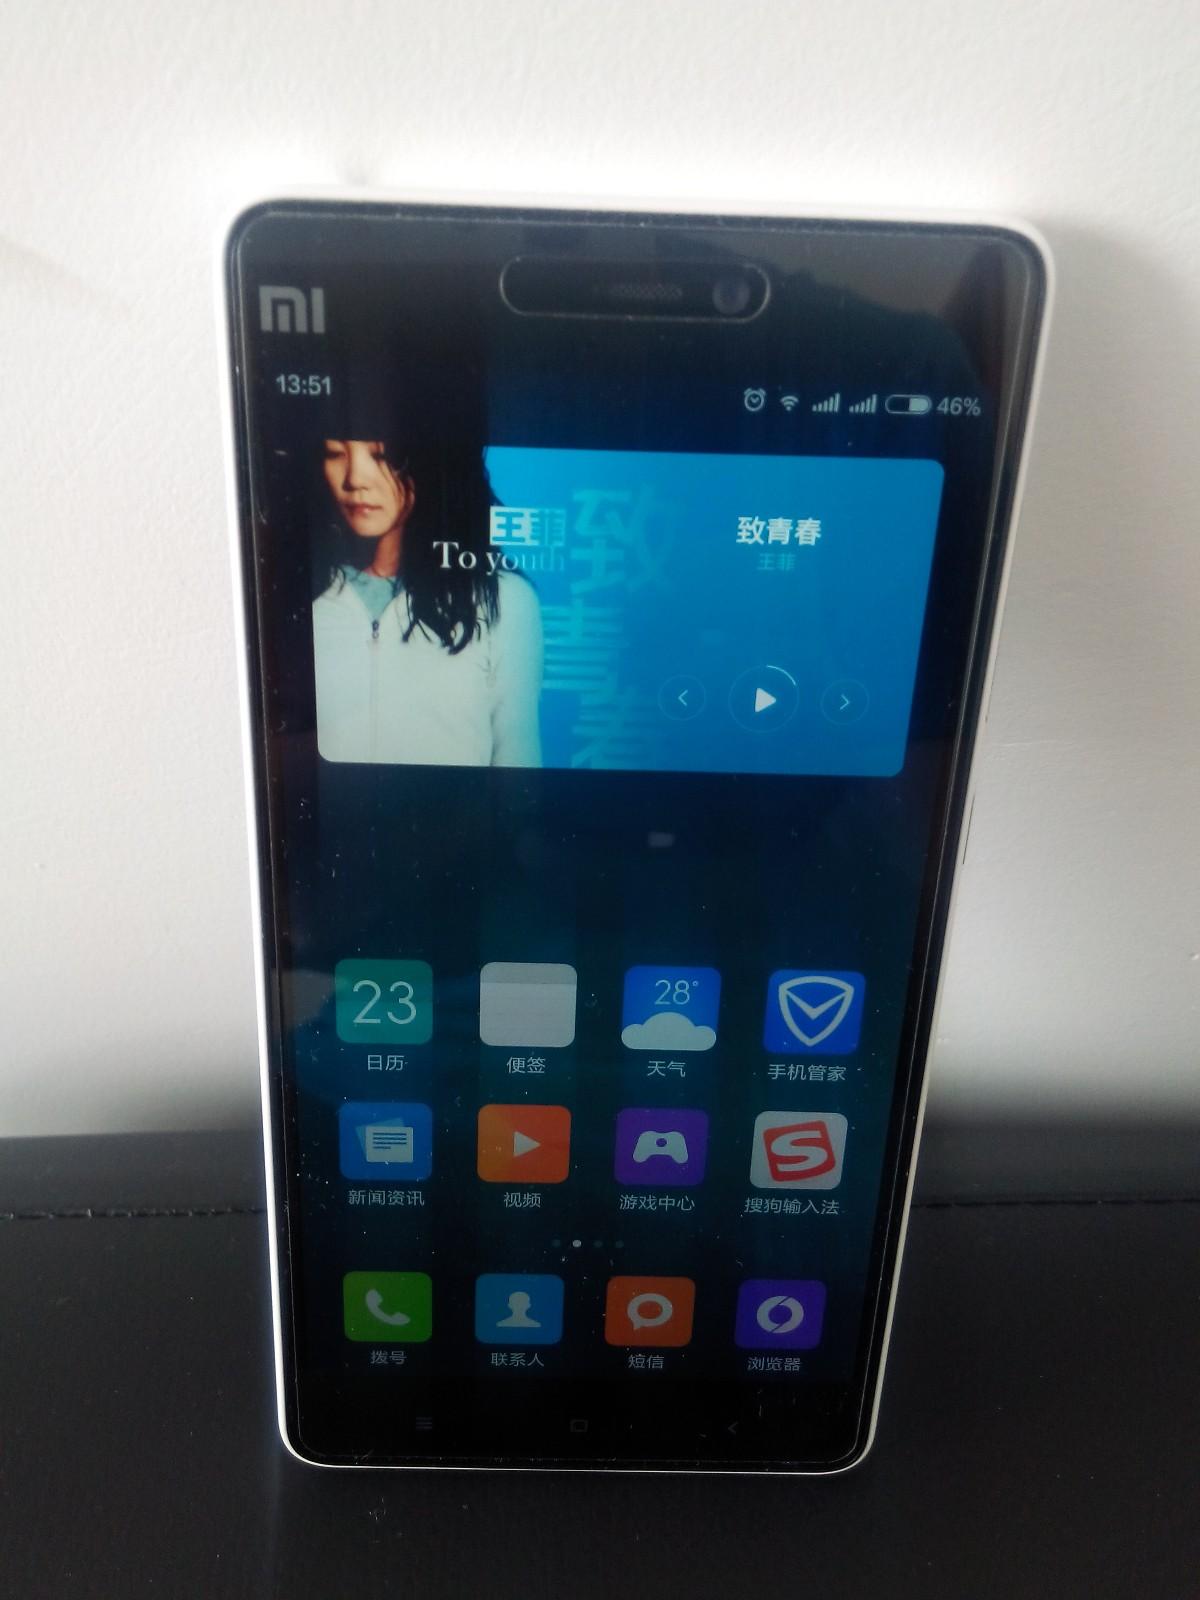 vivo手机的父亲节有这种自动屏保,希望小米也能出这样的东东   因为